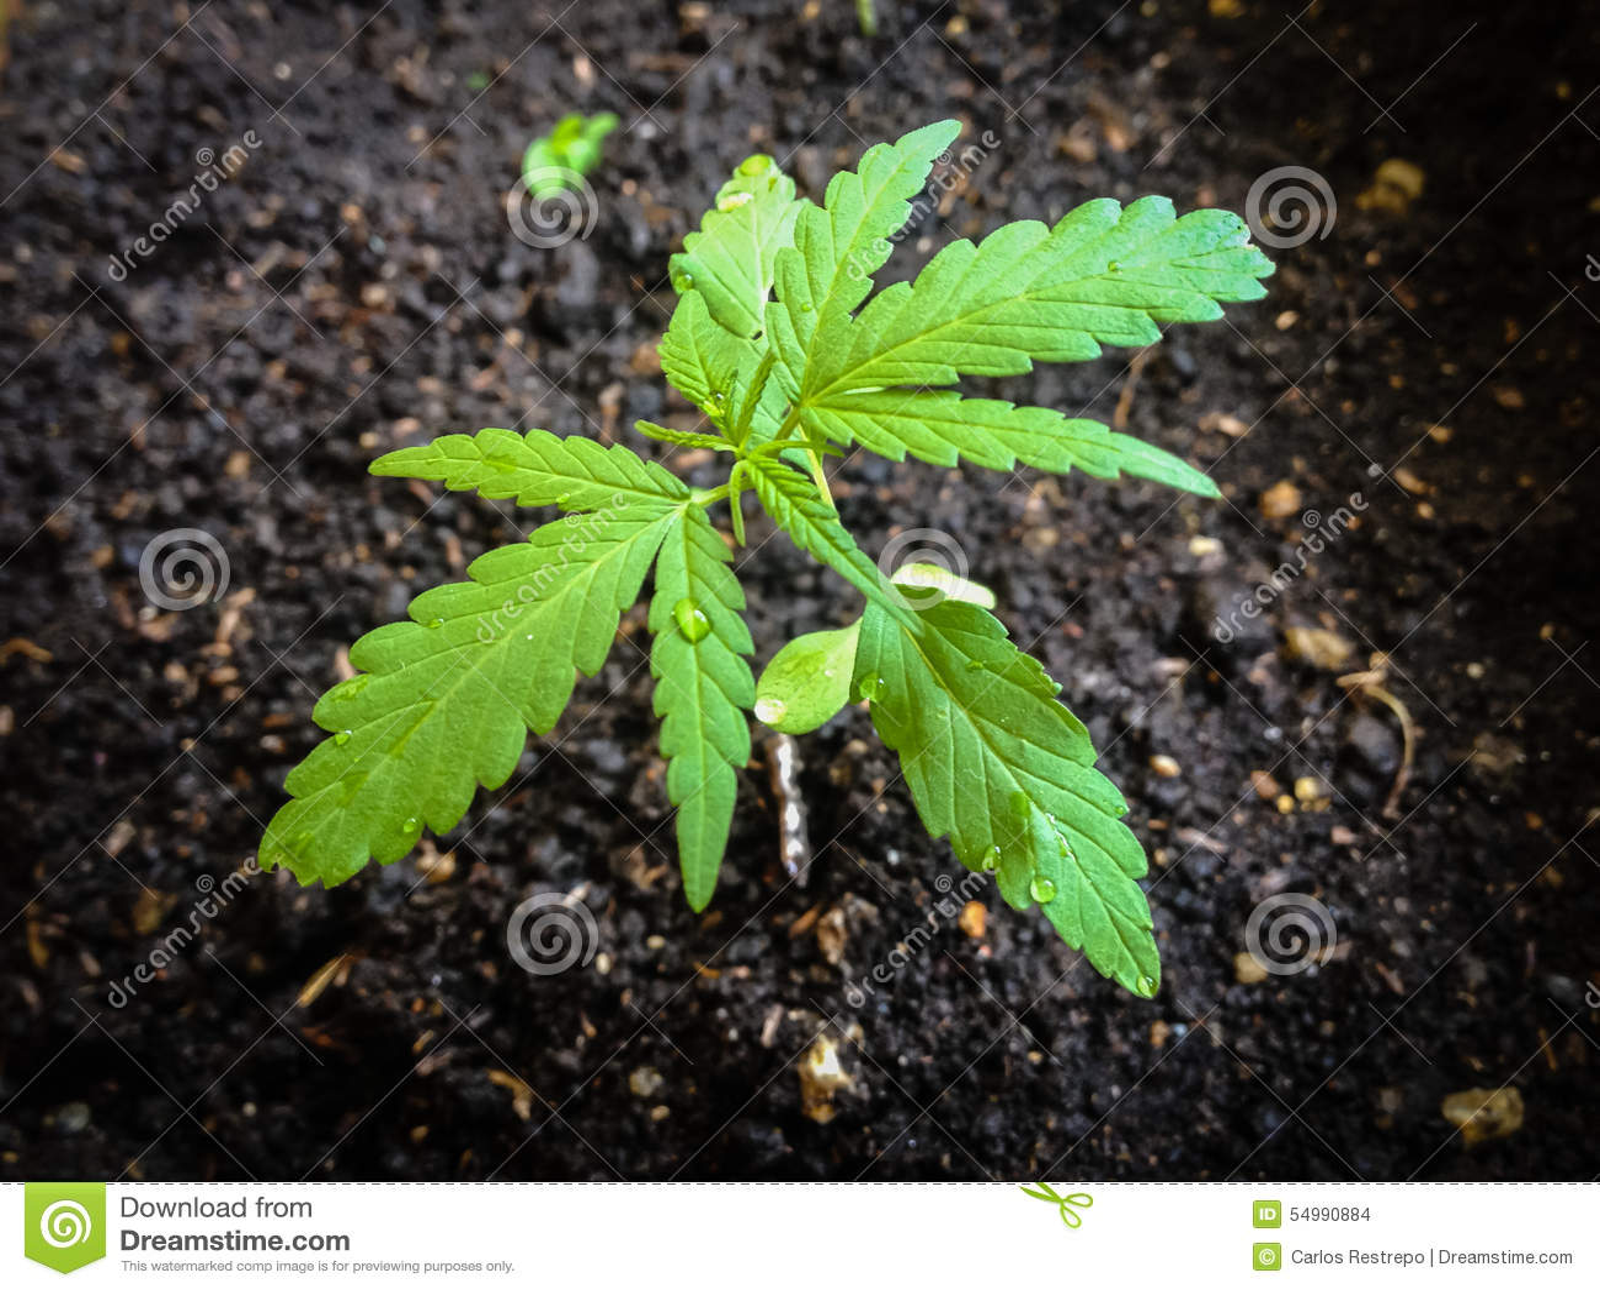 Marijuana seedling stock photo. Image of herb, detail - 54990884